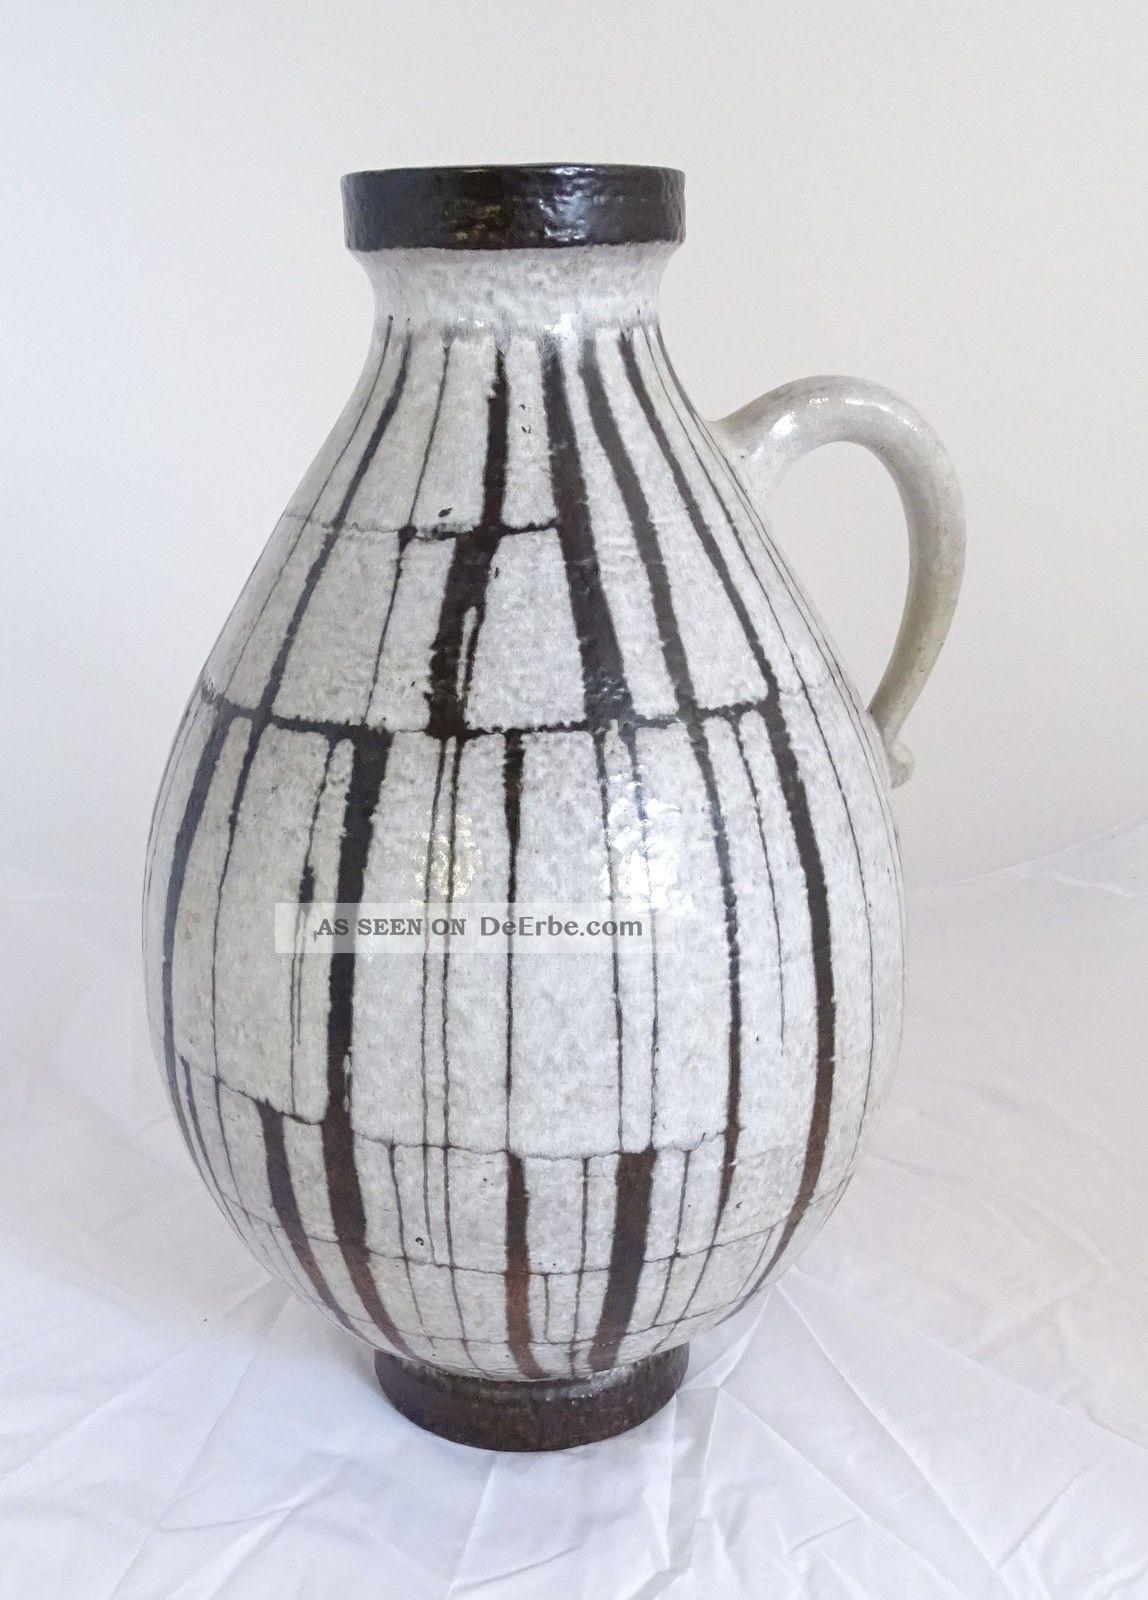 Große 50/60er Jahre Stand Vase Keramik Tolles Design 227 - 55 Made In West Germany 1960-1969 Bild